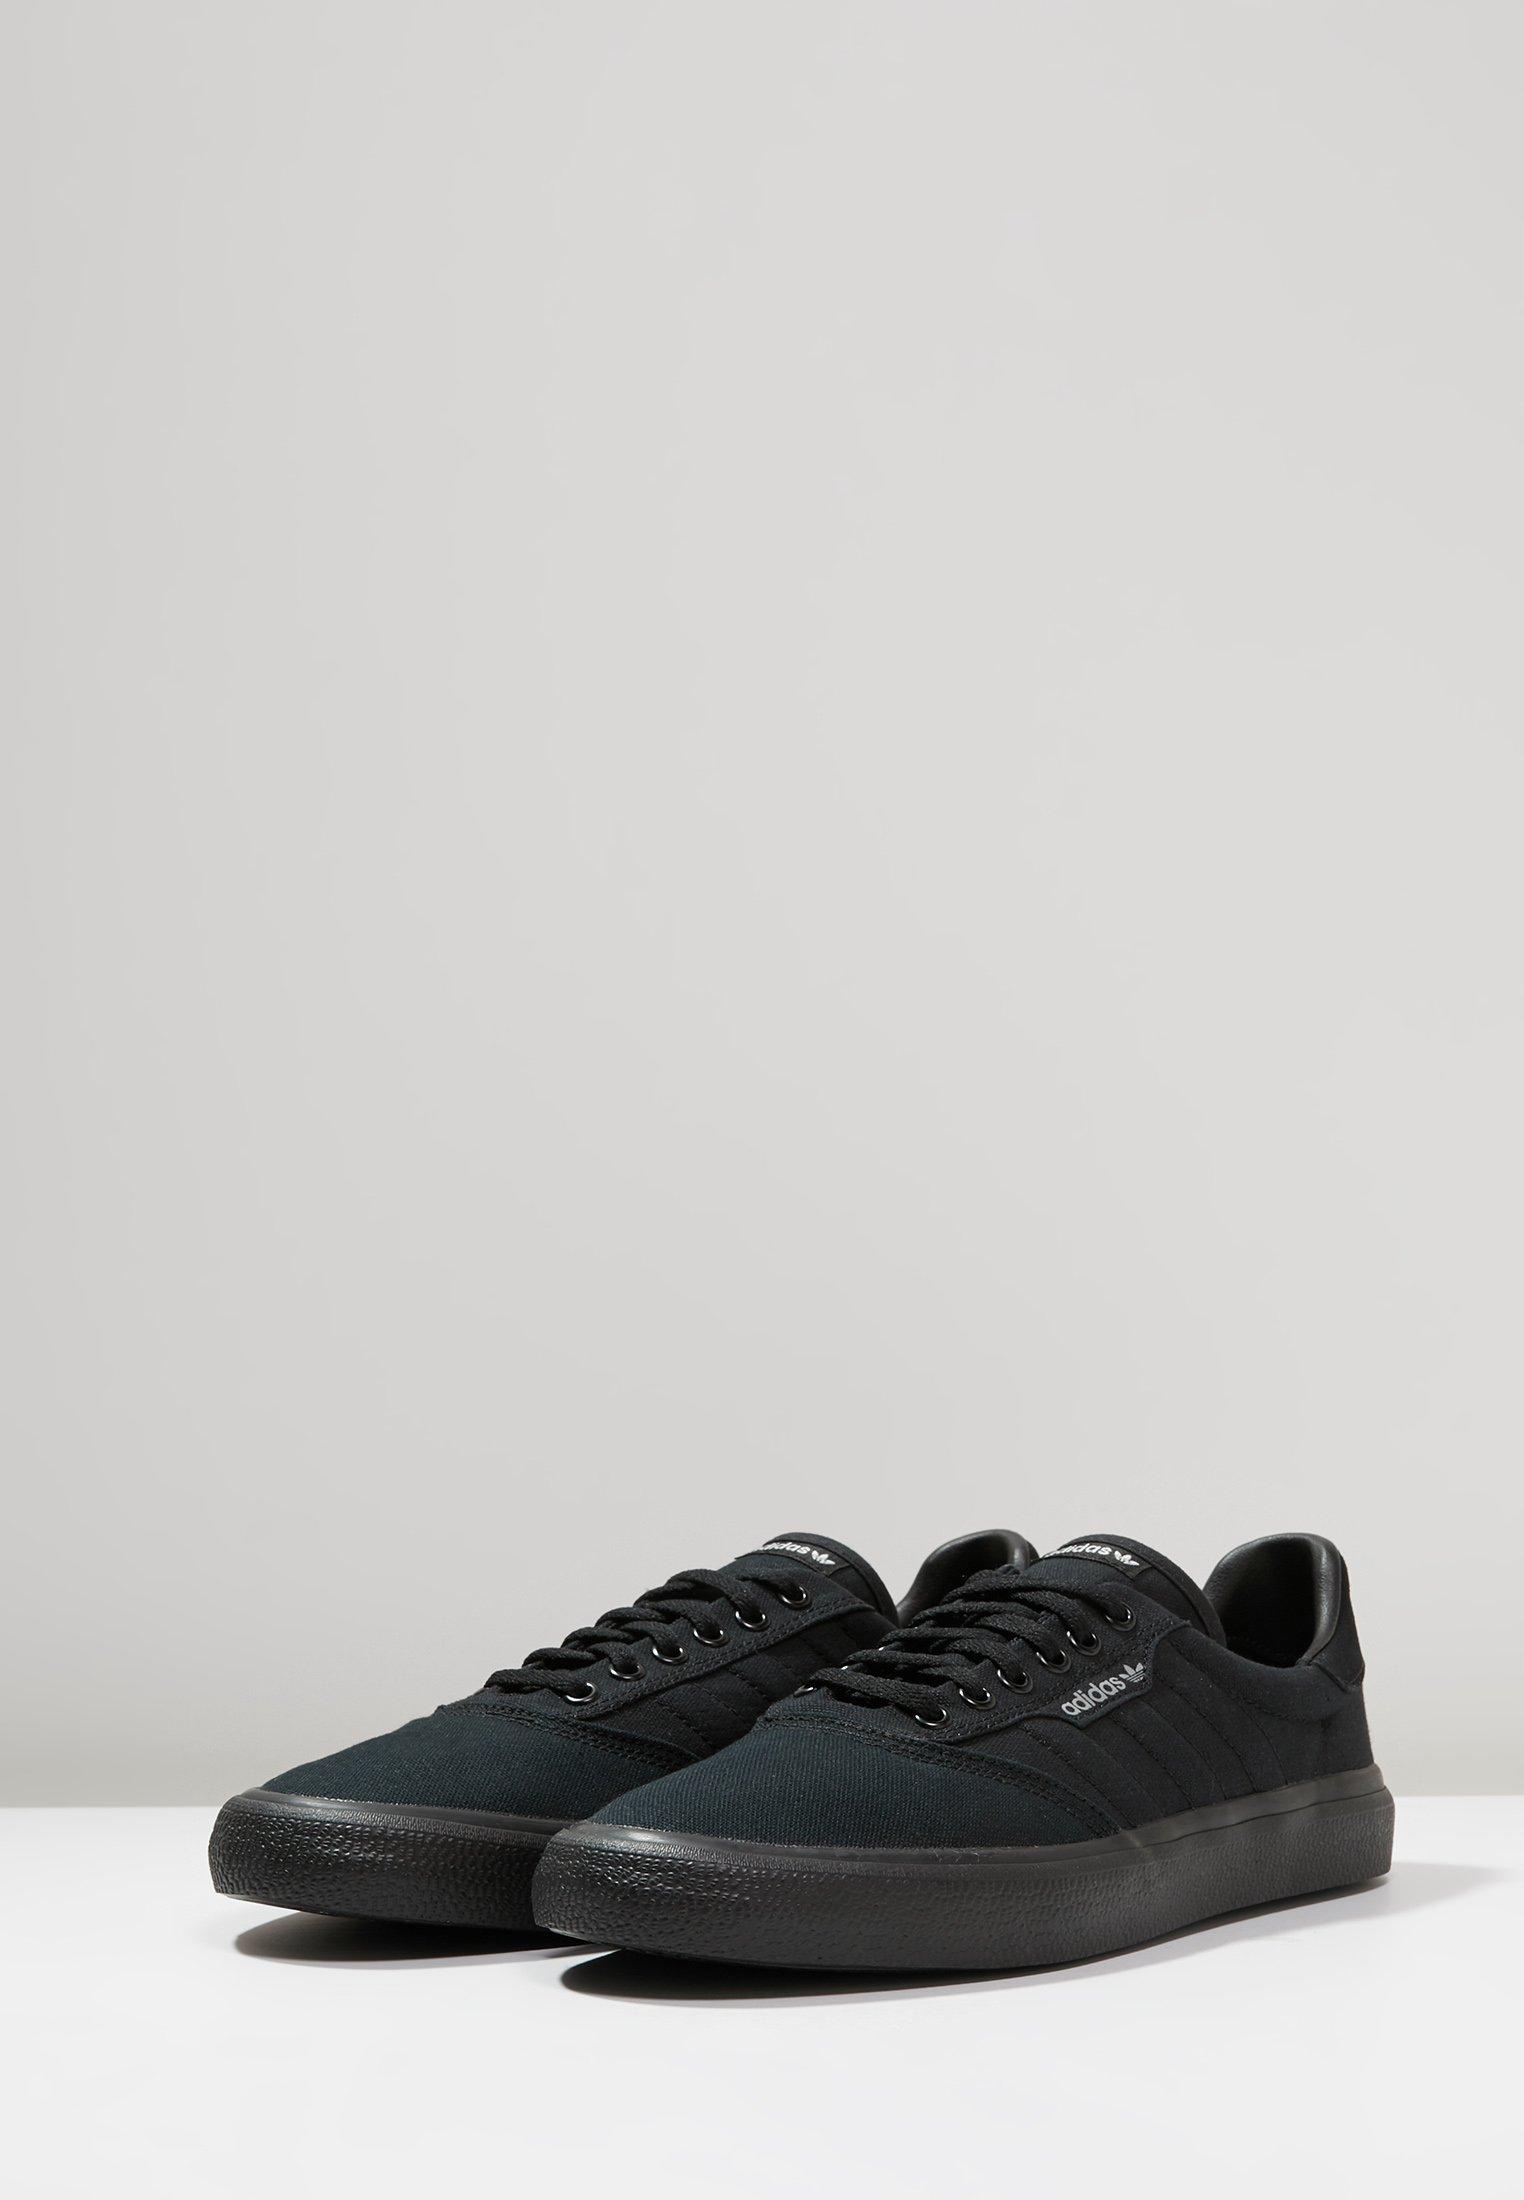 Adidas Originals 3mc - Zapatillas Cblack/cblack/gretwo